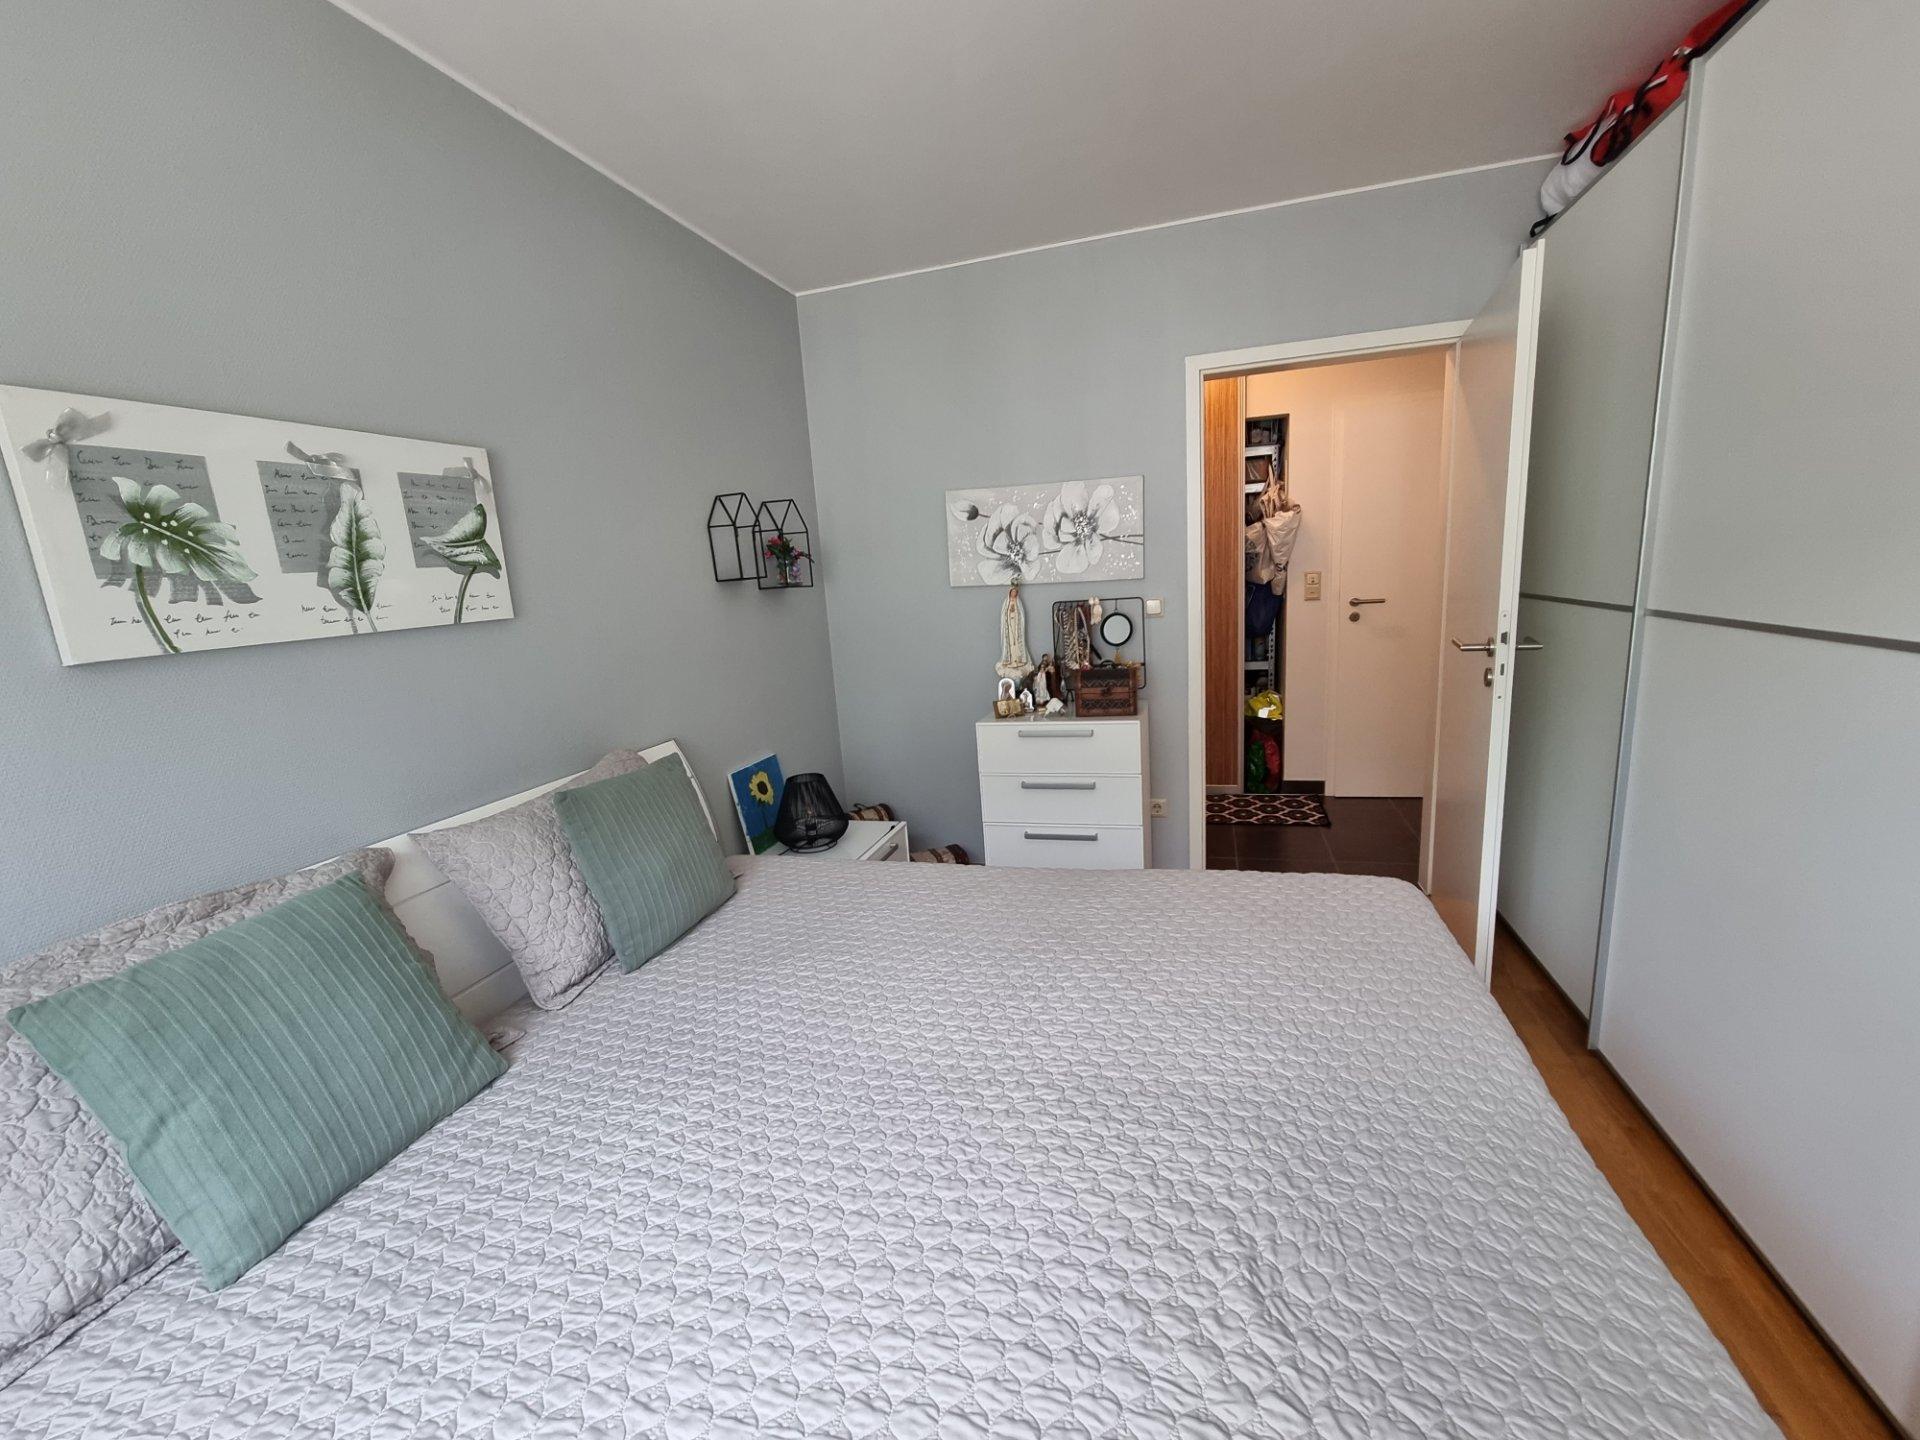 Appartement de luxe complètement meublé de 76 m2 avec 2 balcons et parking souterraing.